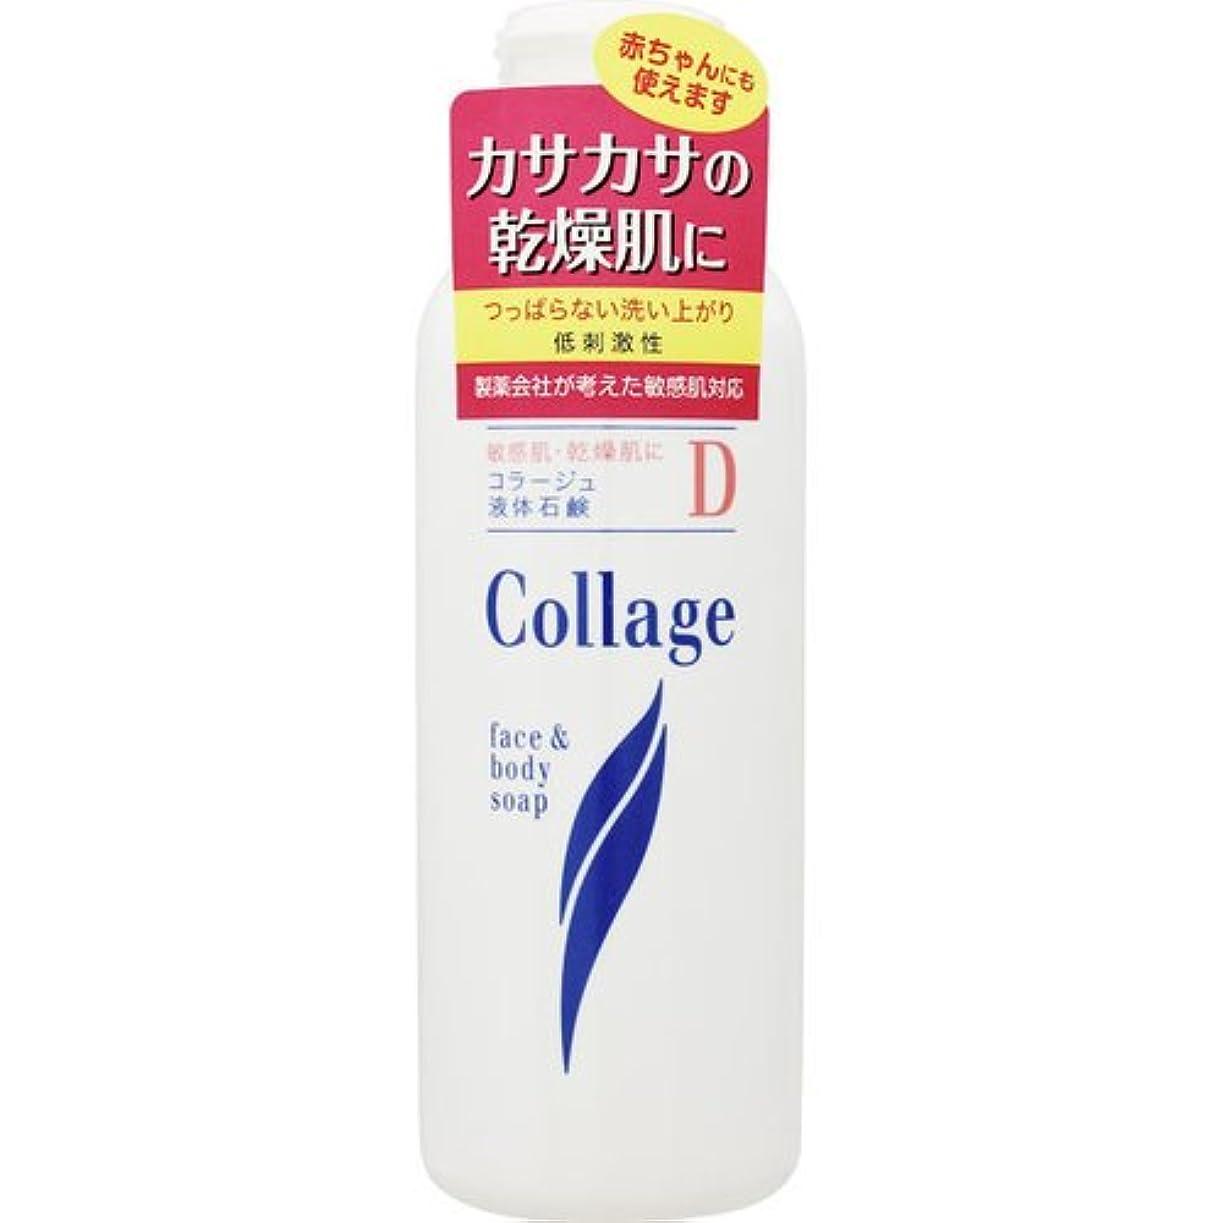 引用バスタブに付ける持田ヘルスケア コラージュD液体石鹸 (200mL) 敏感肌 液体洗顔料 コラージュ